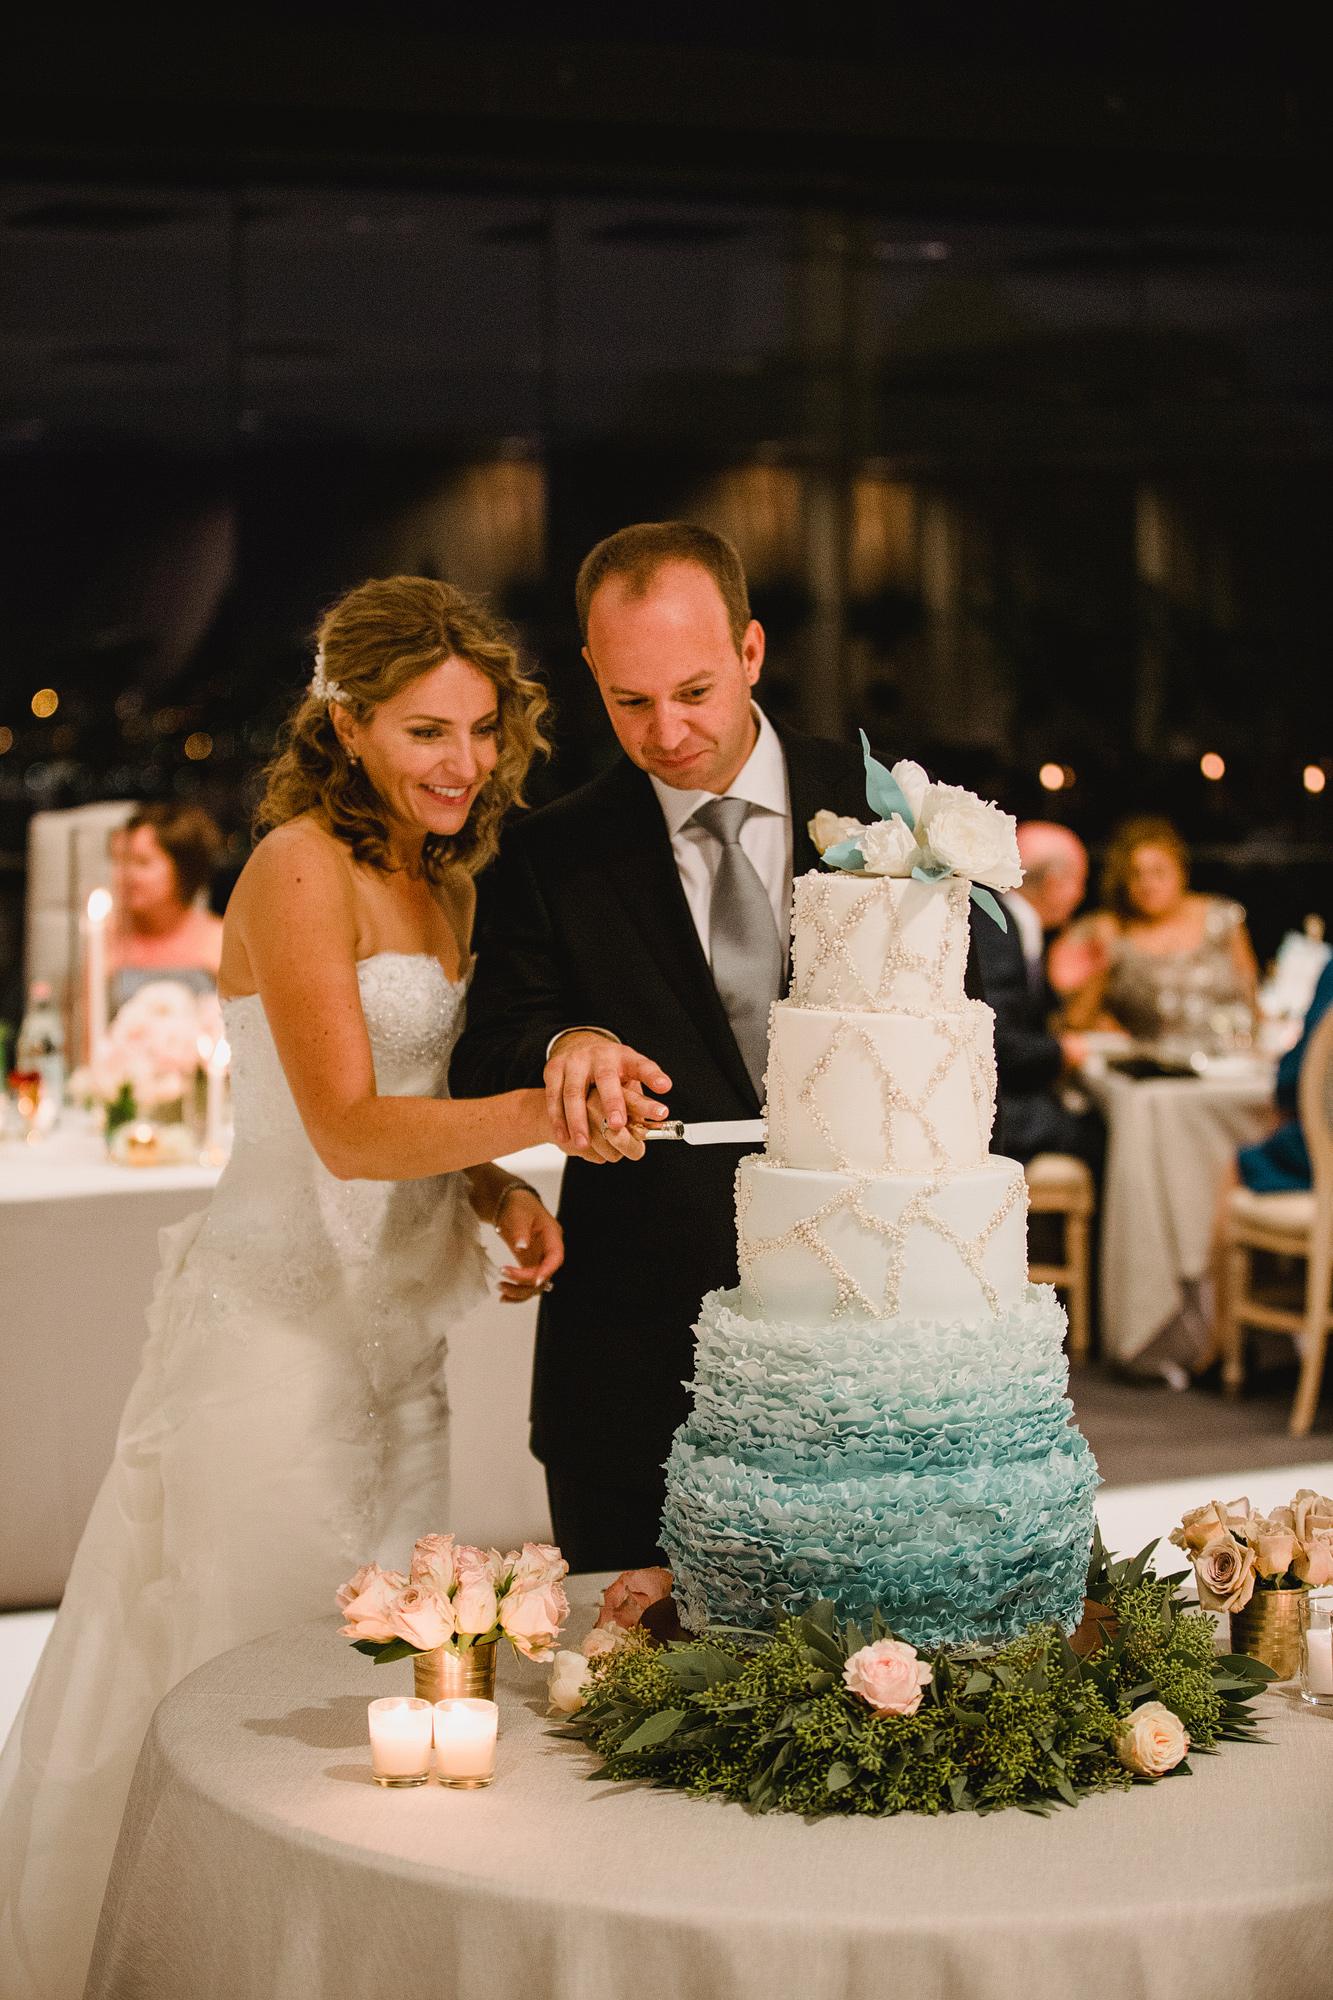 Ceci_New_York_Custom_Invitation_Australia_Perth_Destination_Wedding_Luxury_Personalized_Ceci_Style_Bride_71.jpg